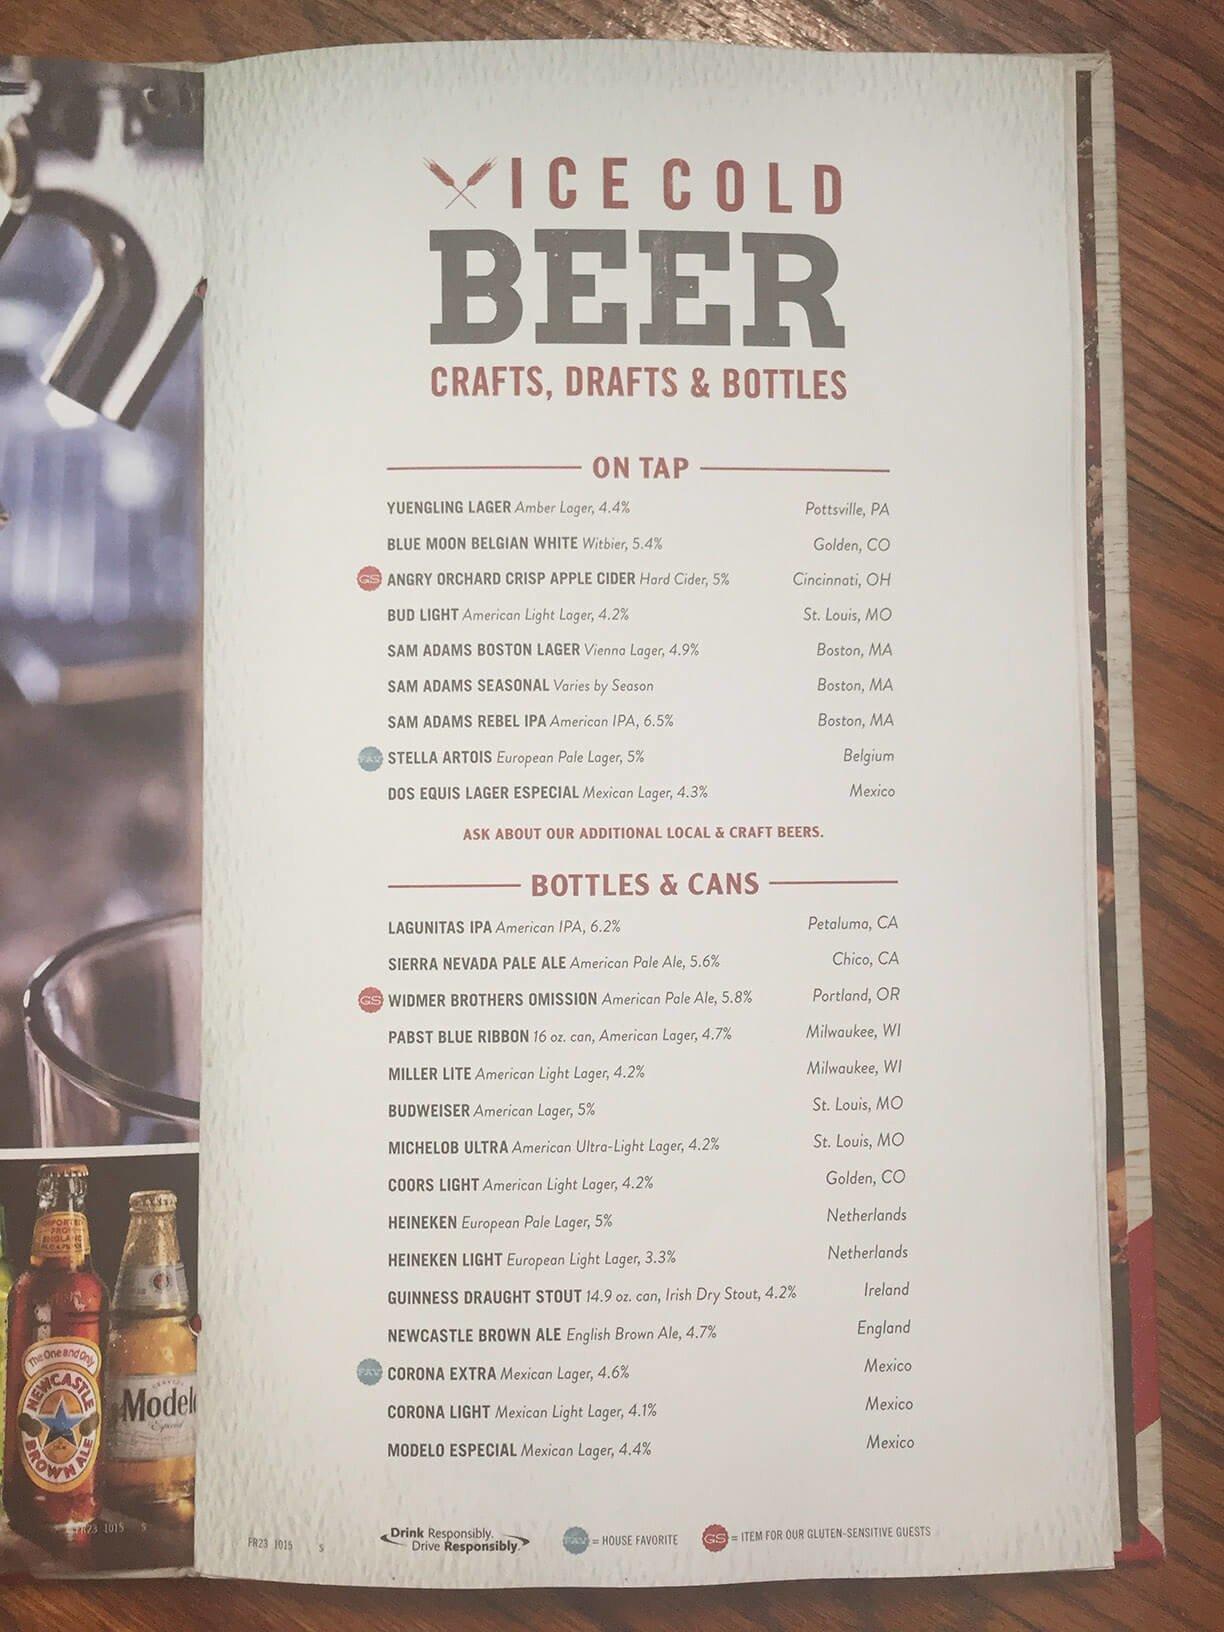 tgi fridays menu prices